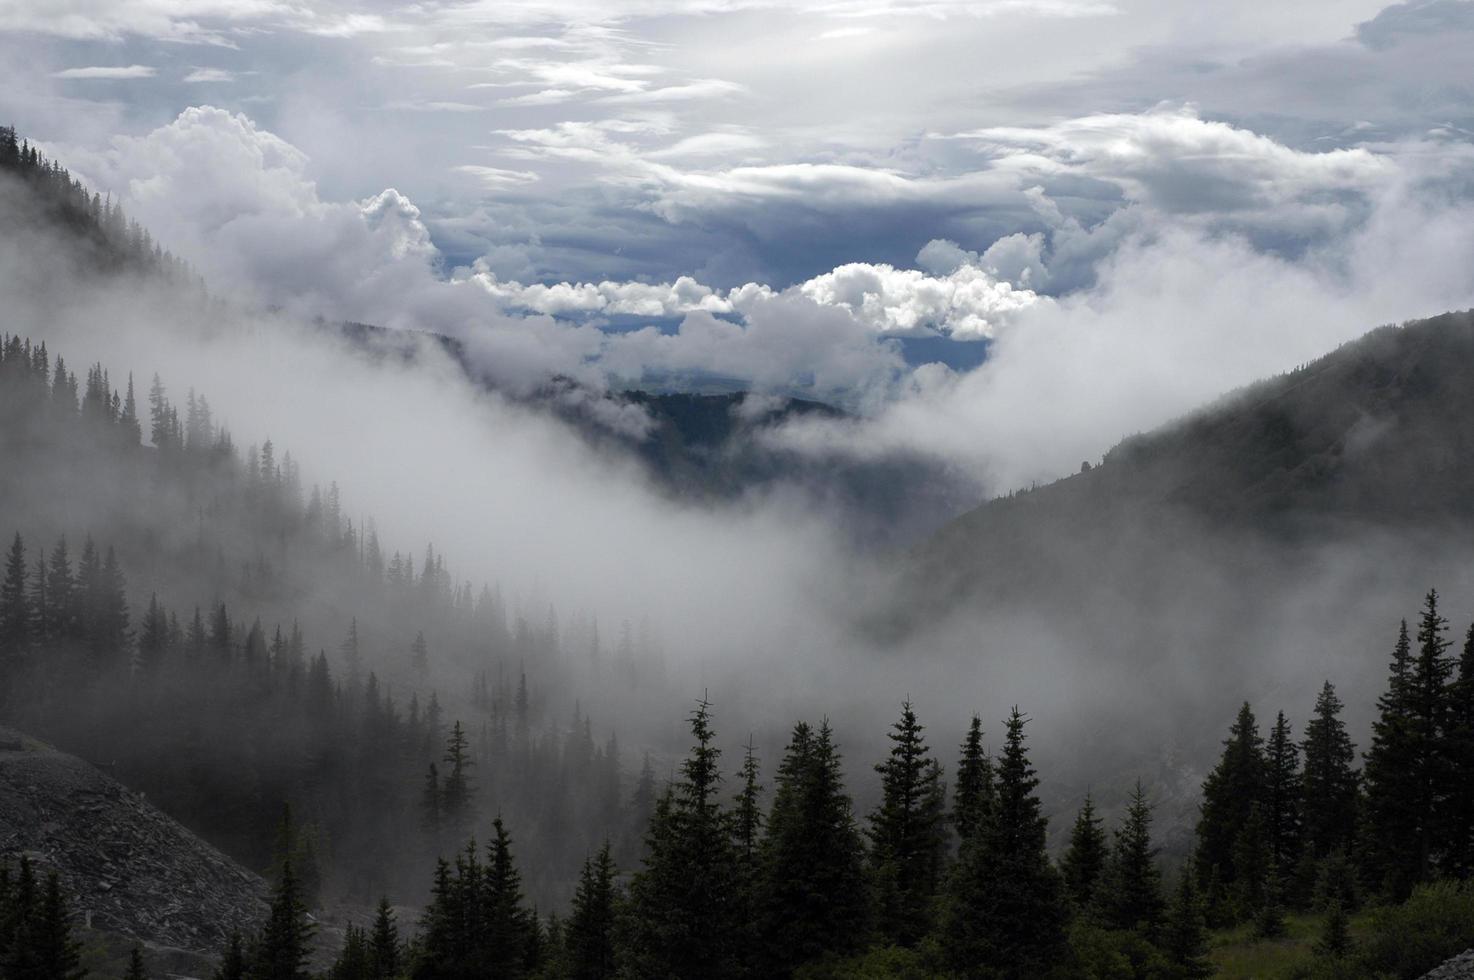 valle coperta di nebbia foto